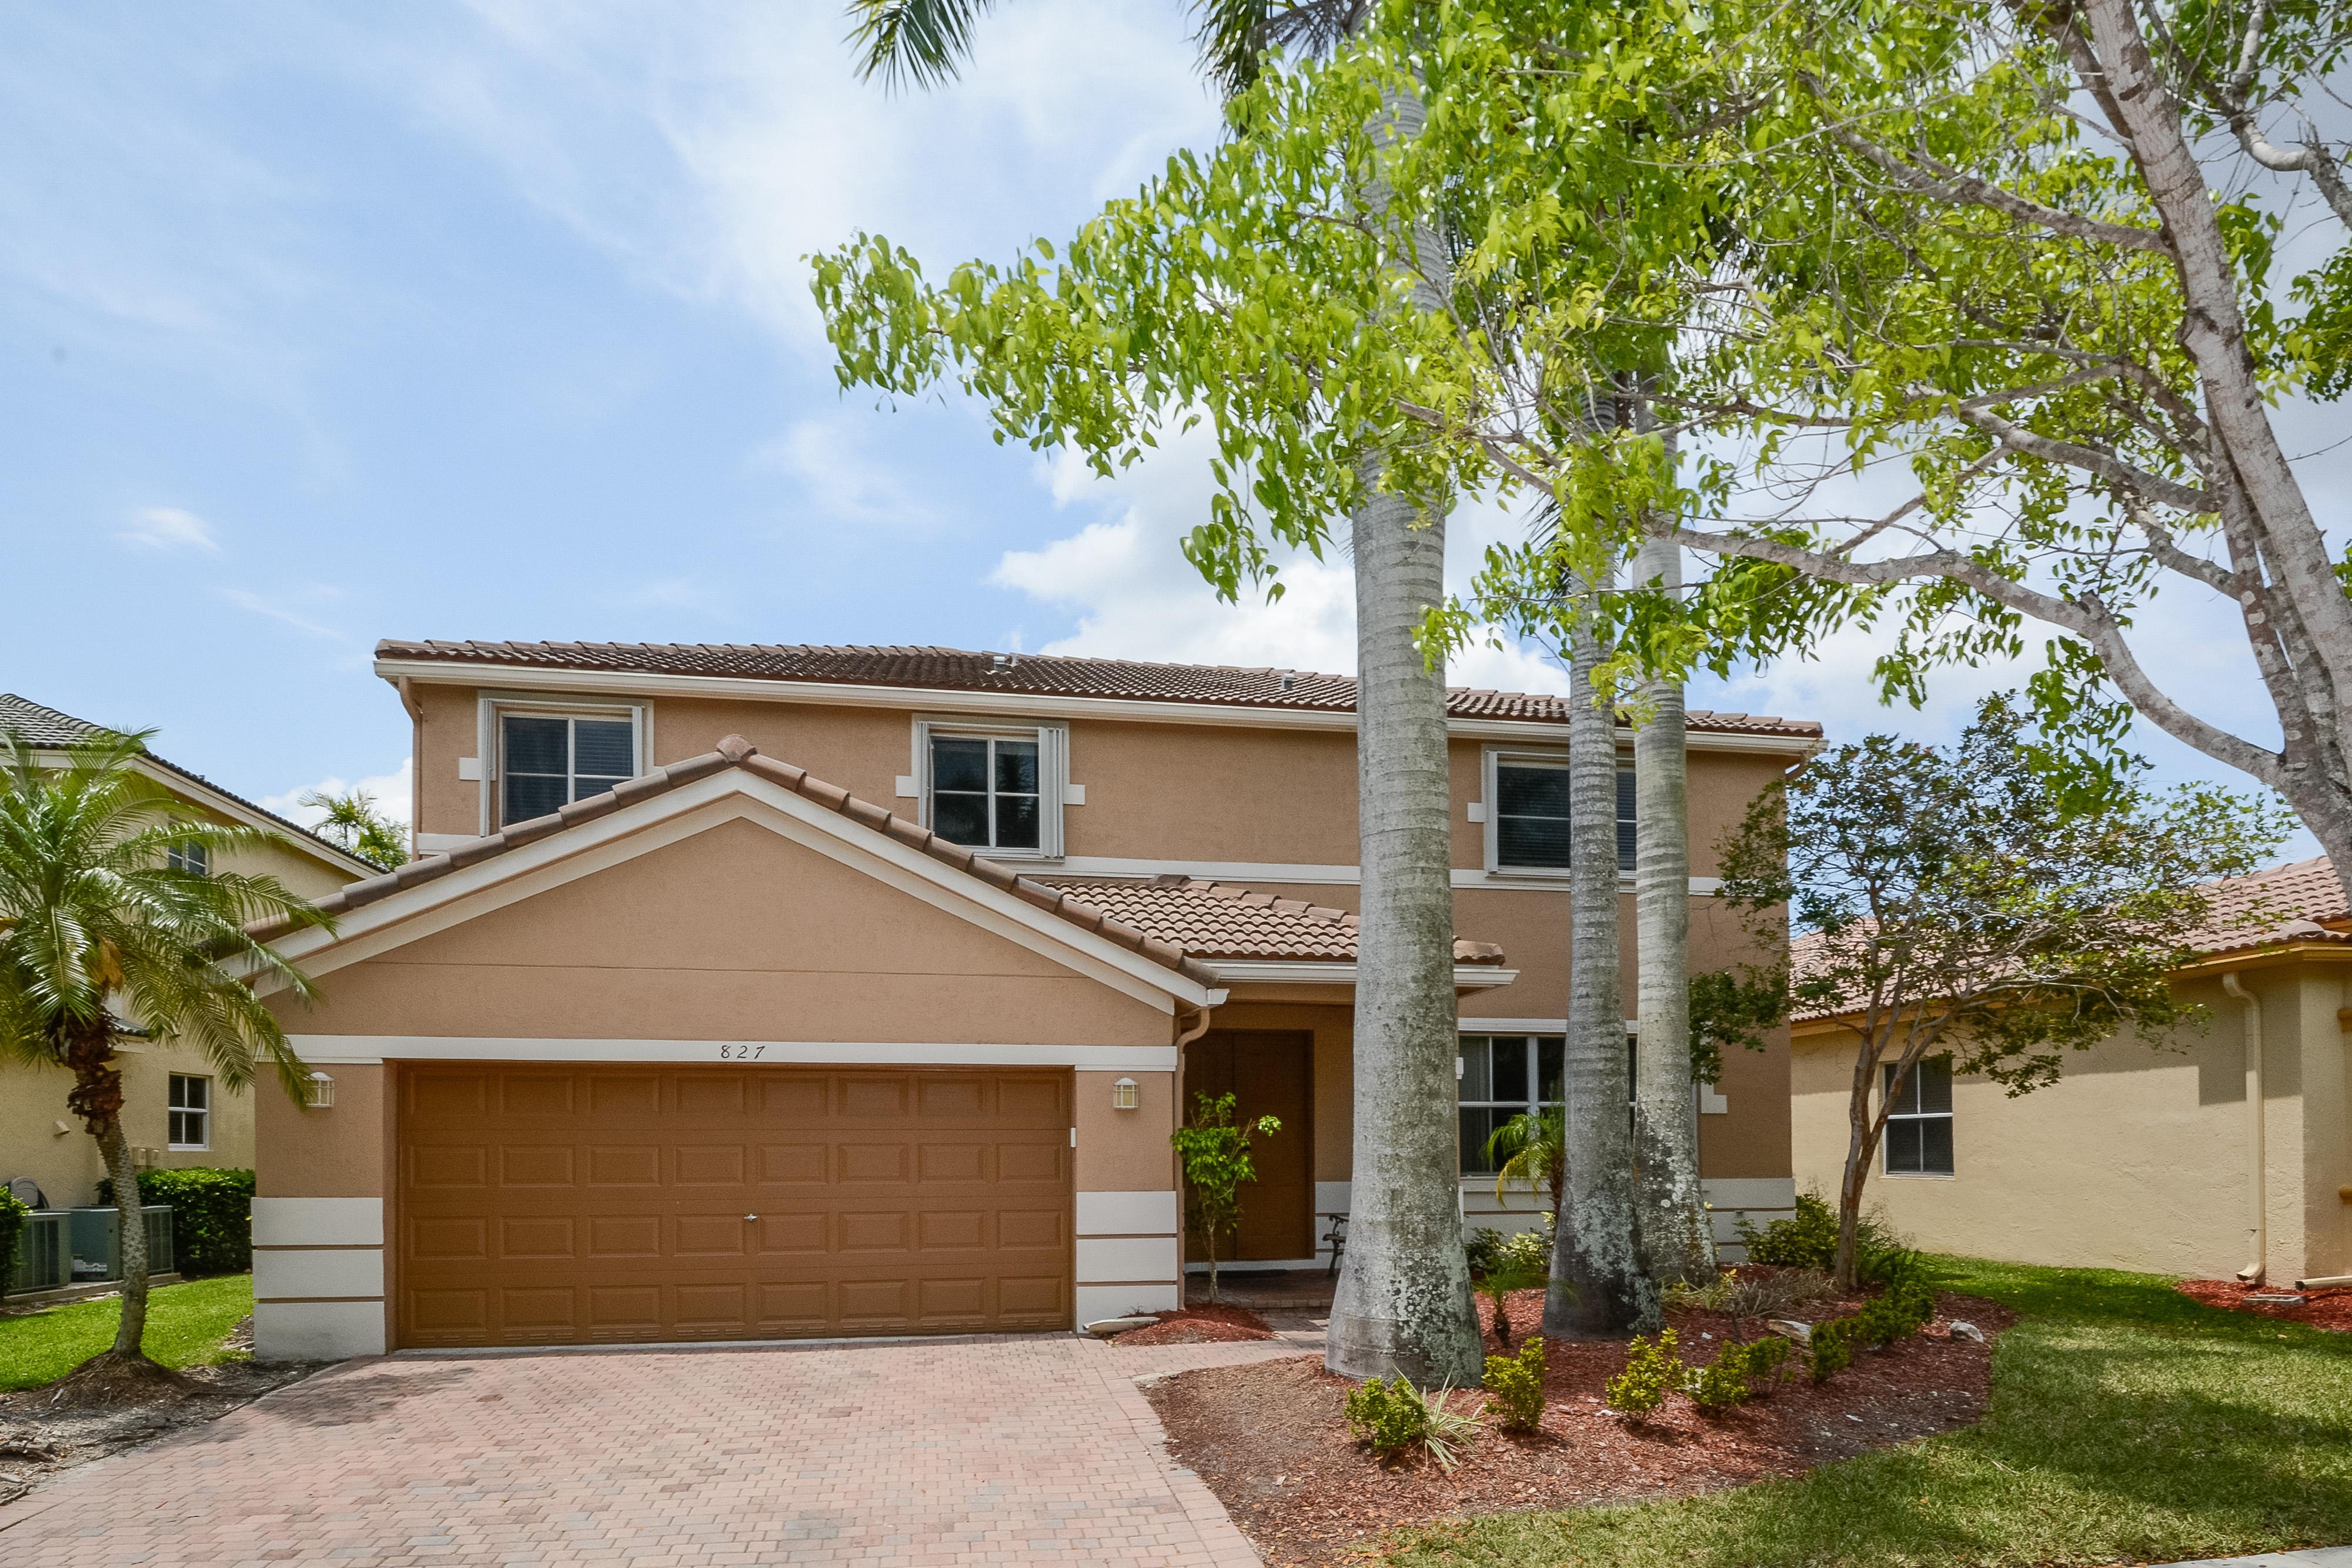 Nhà ở một gia đình vì Bán tại 827 Nandina Dr Weston, Florida, 33327 Hoa Kỳ